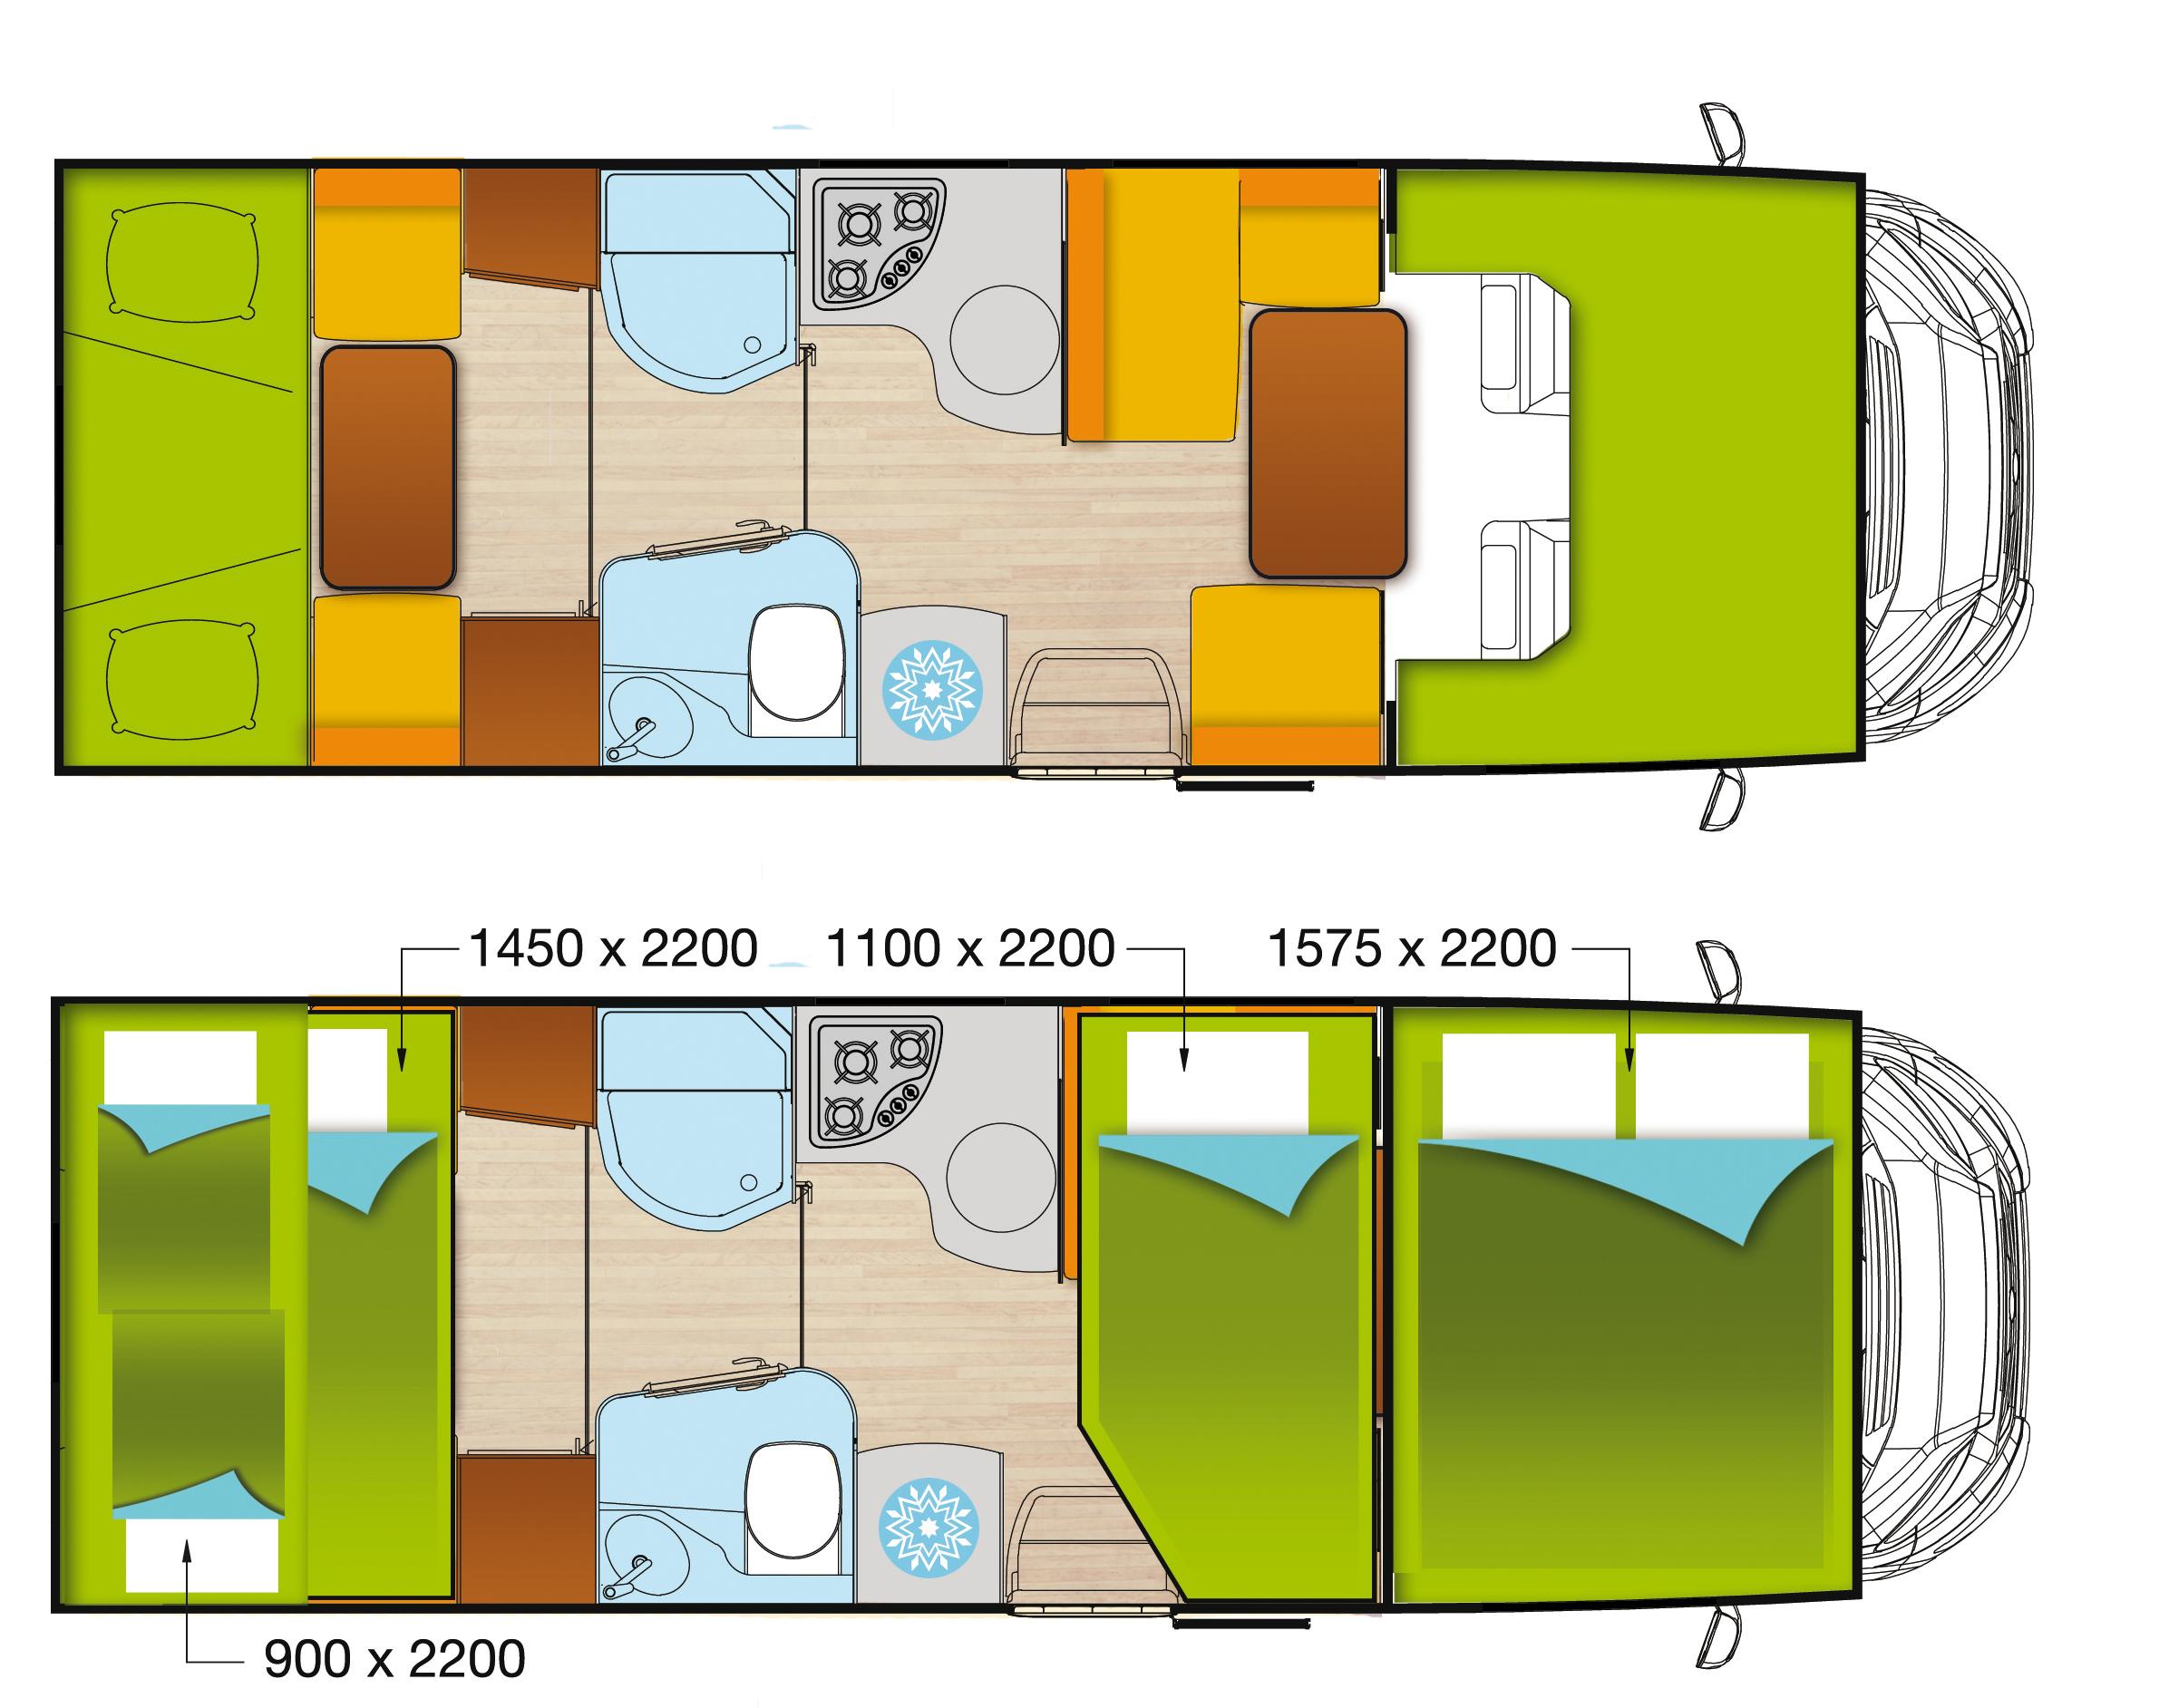 Wohnmobil mieten in Rheinberg - Camperfuchs.de